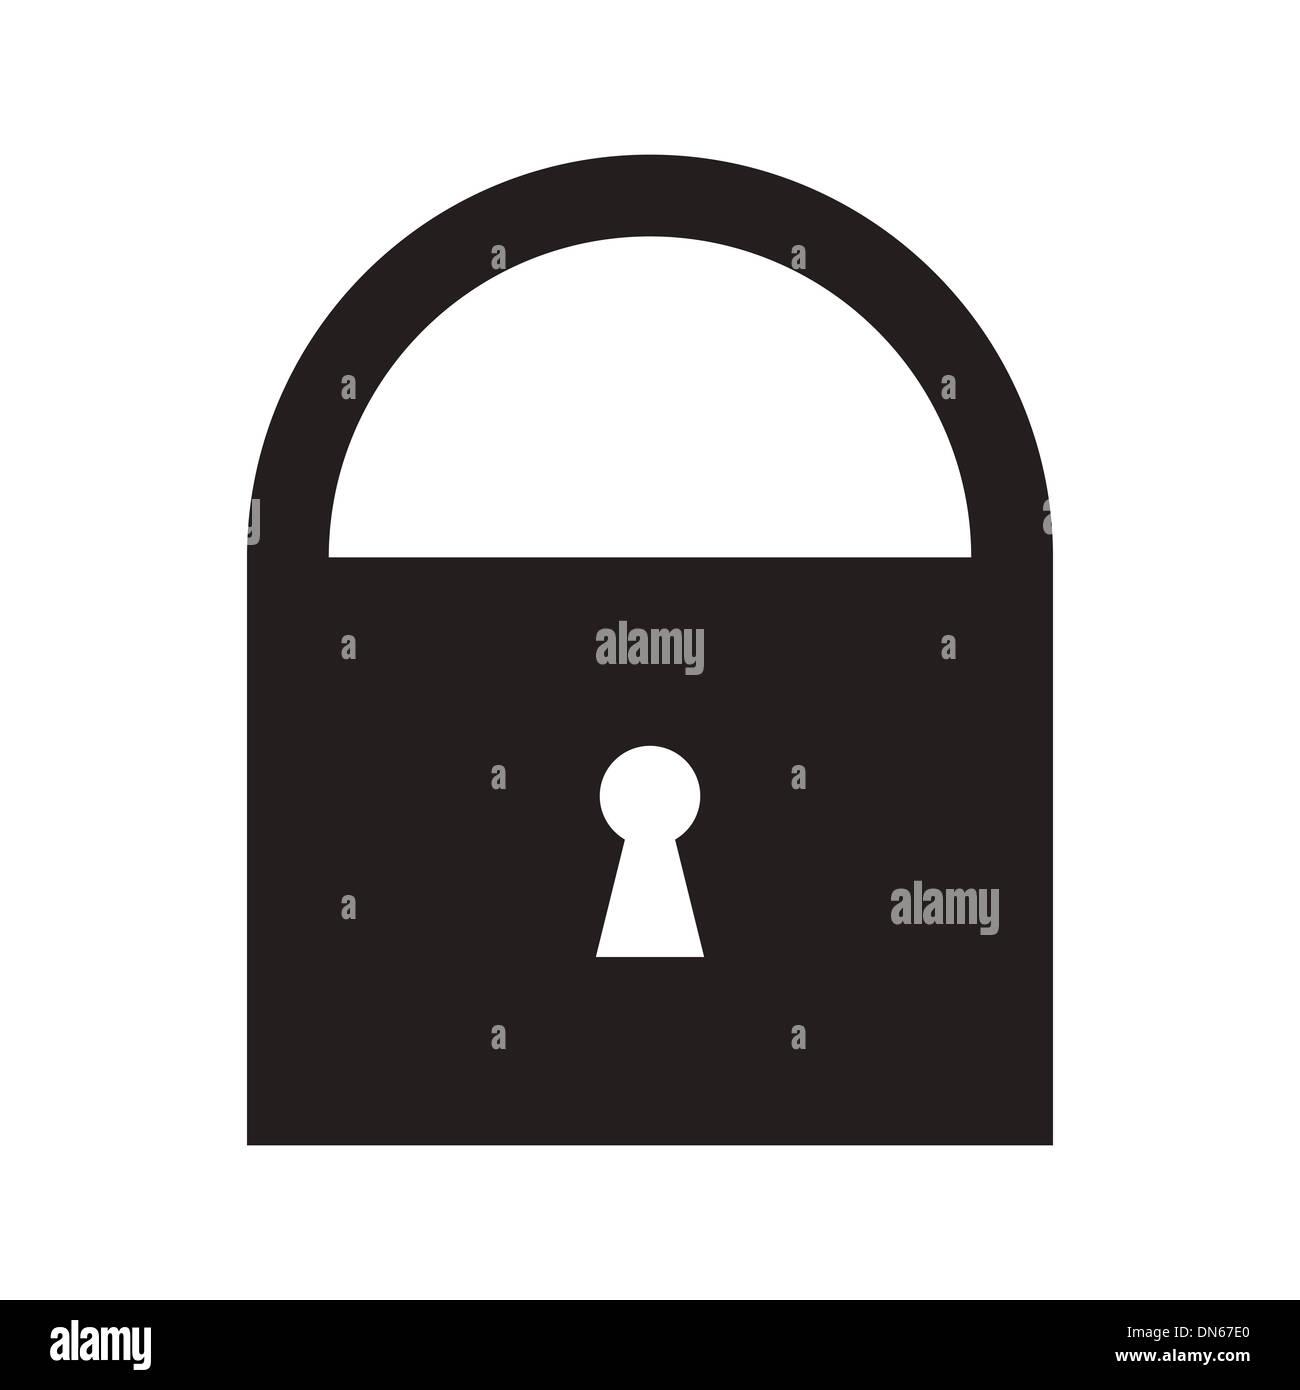 Lock symbol isolated on white background - Stock Image